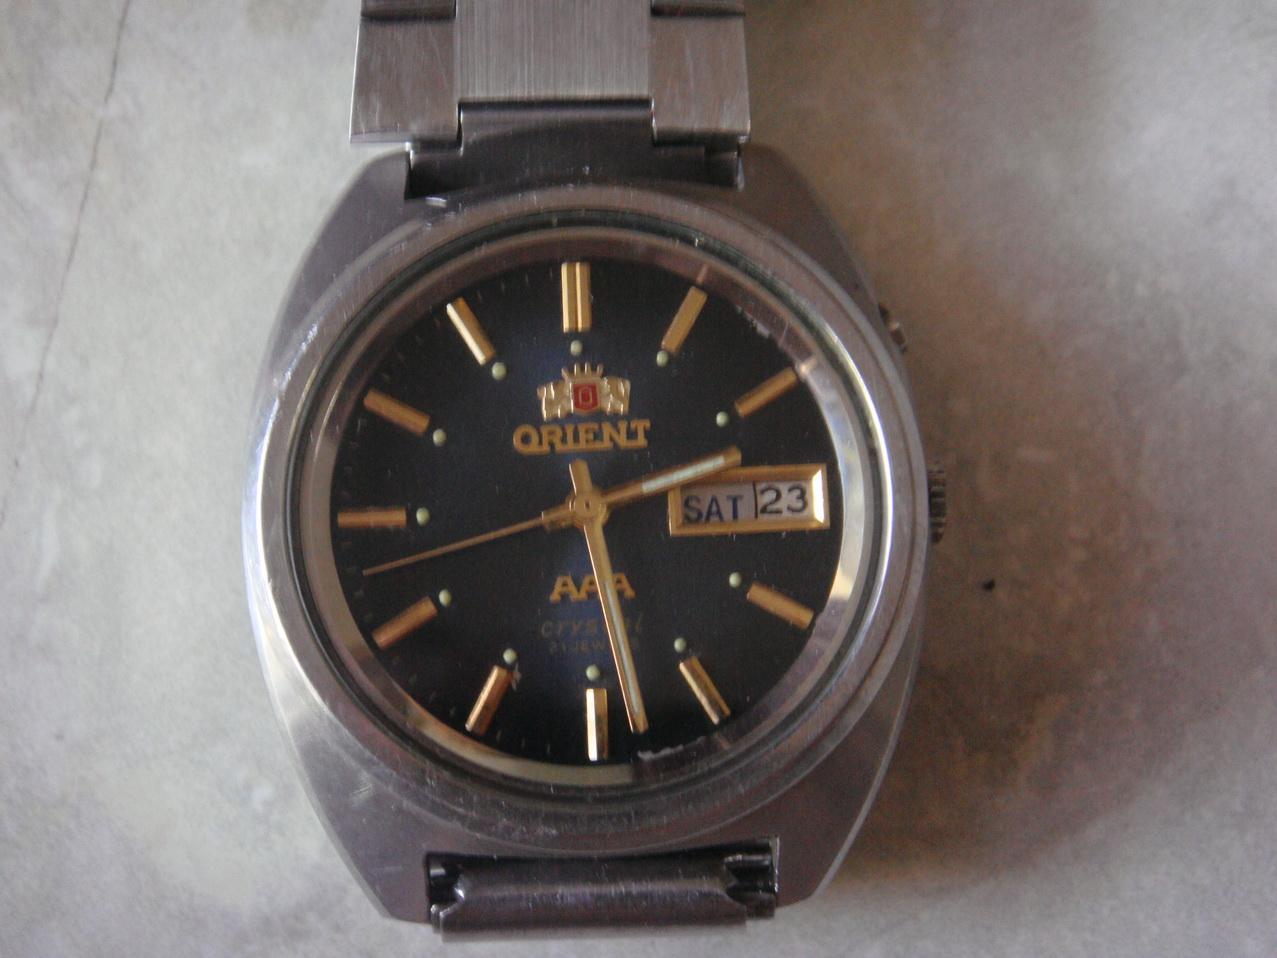 jam tangan otomatis on Jam Tangan ORIENT otomatis | Koleksi Barang Kuno Jadul